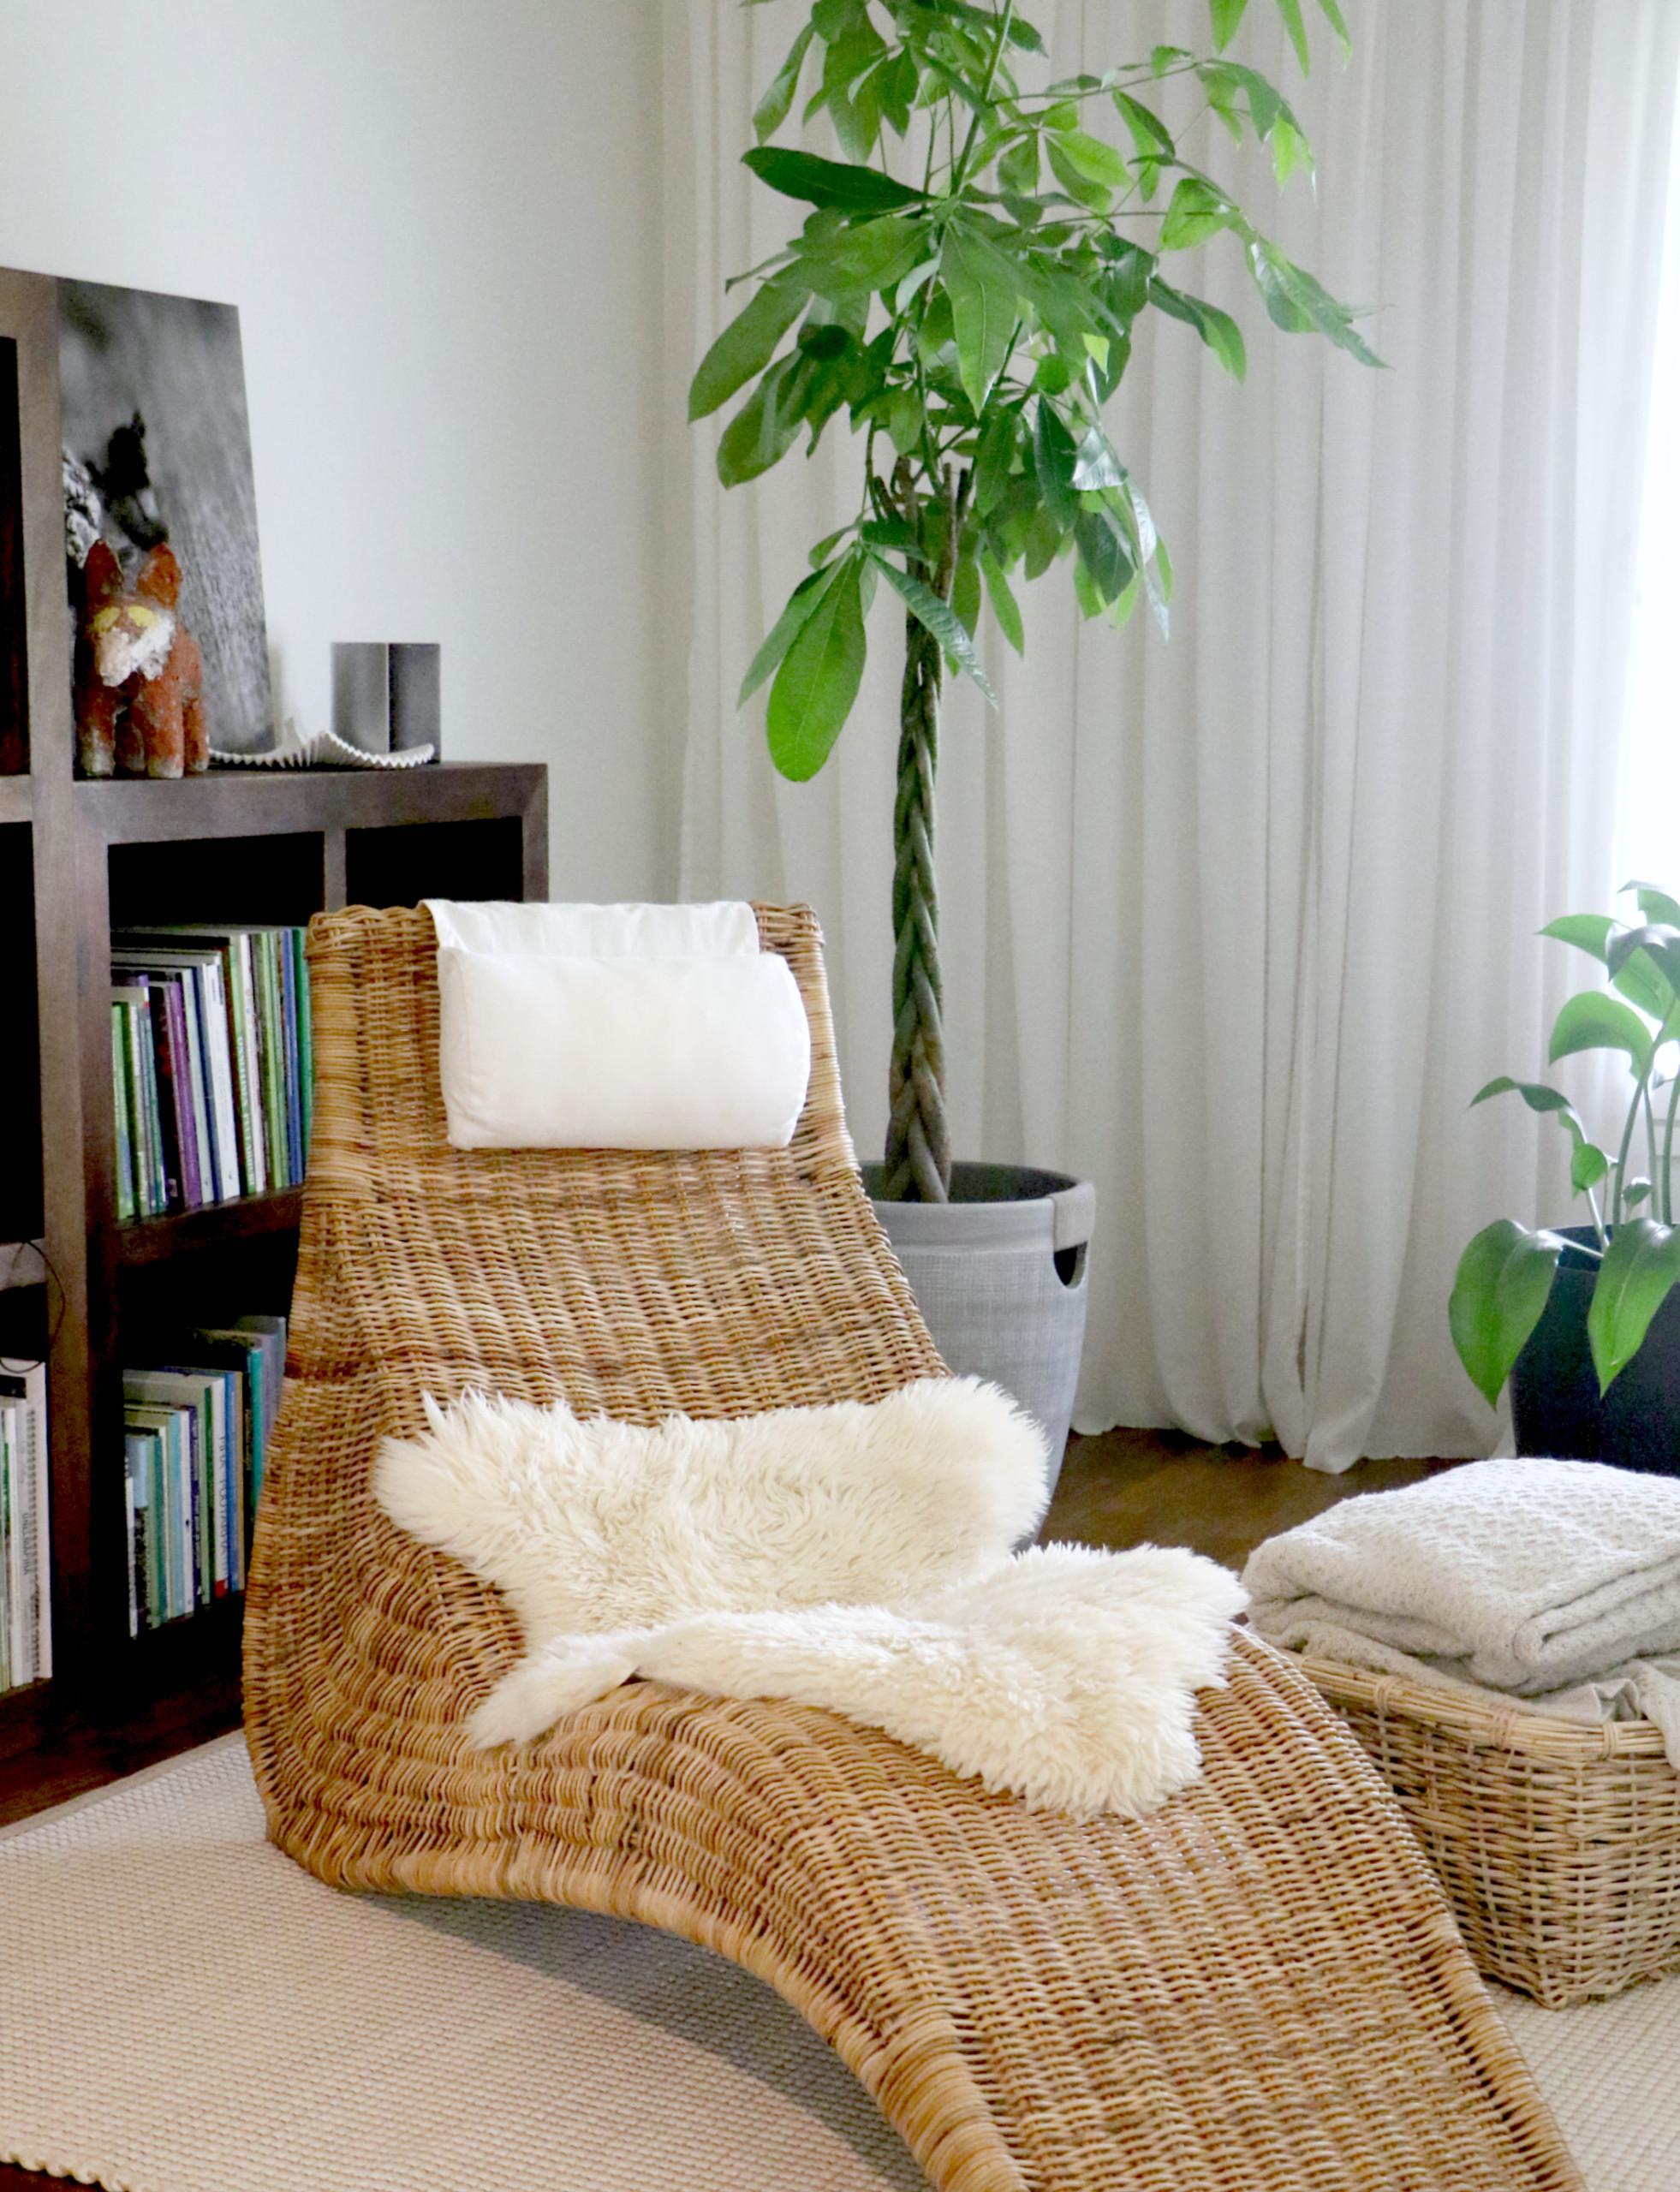 Viherkasvien hoito: mullanvaihto isossa ruukussa